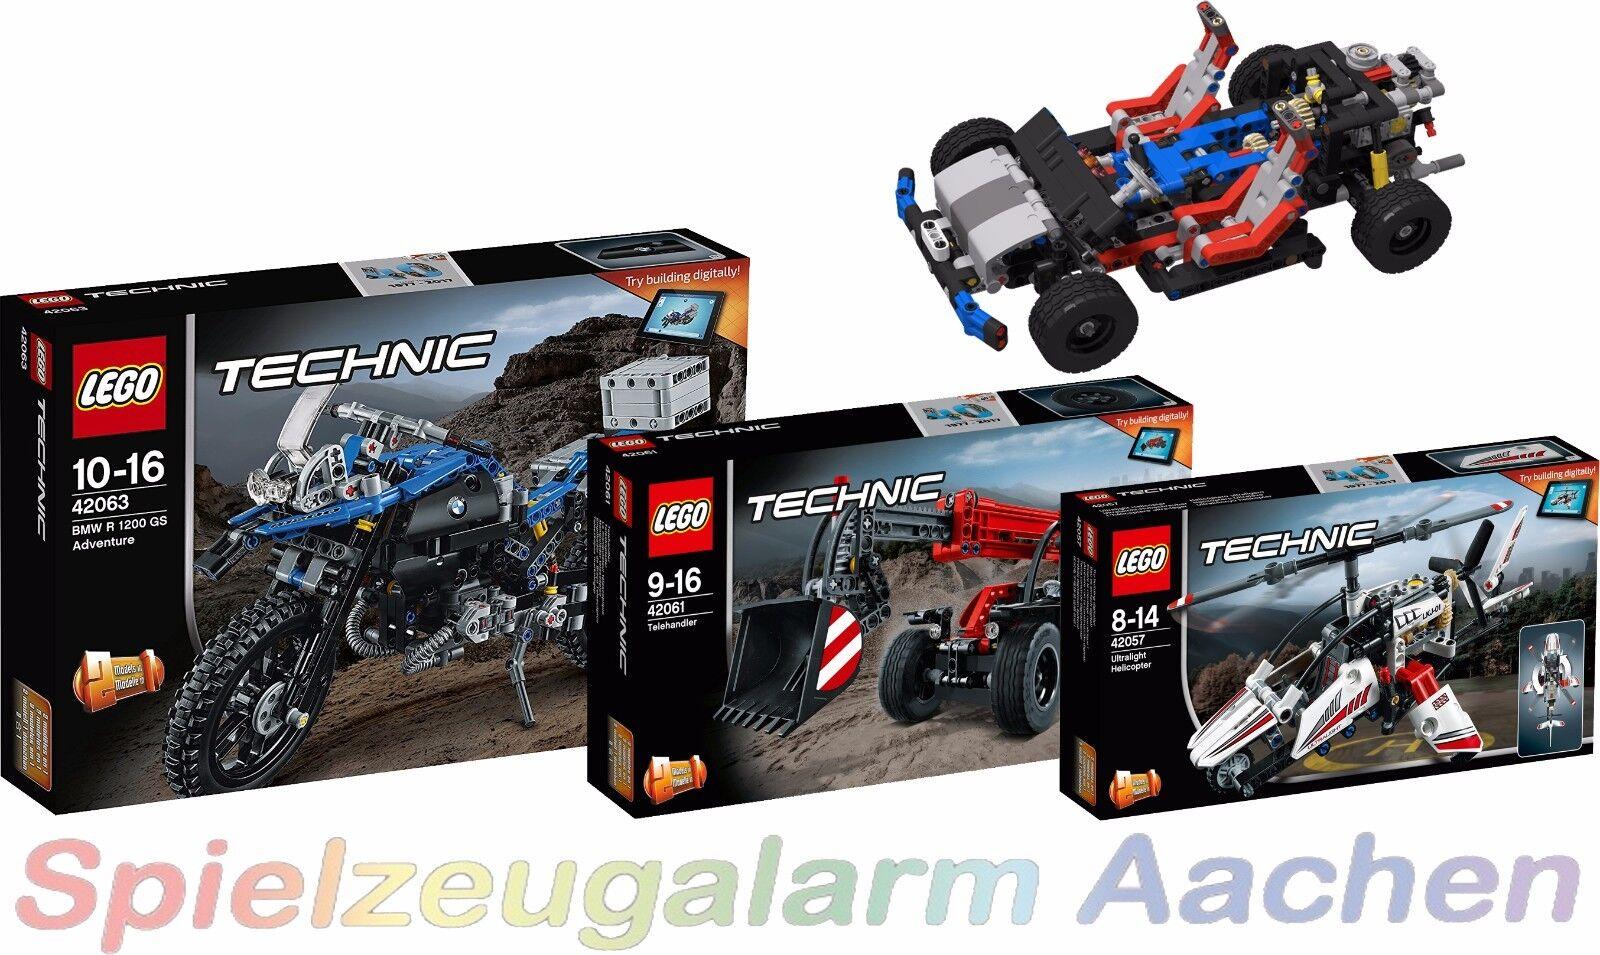 LEGO exclusv modello 40 anni Technic da 42063 42061 42057